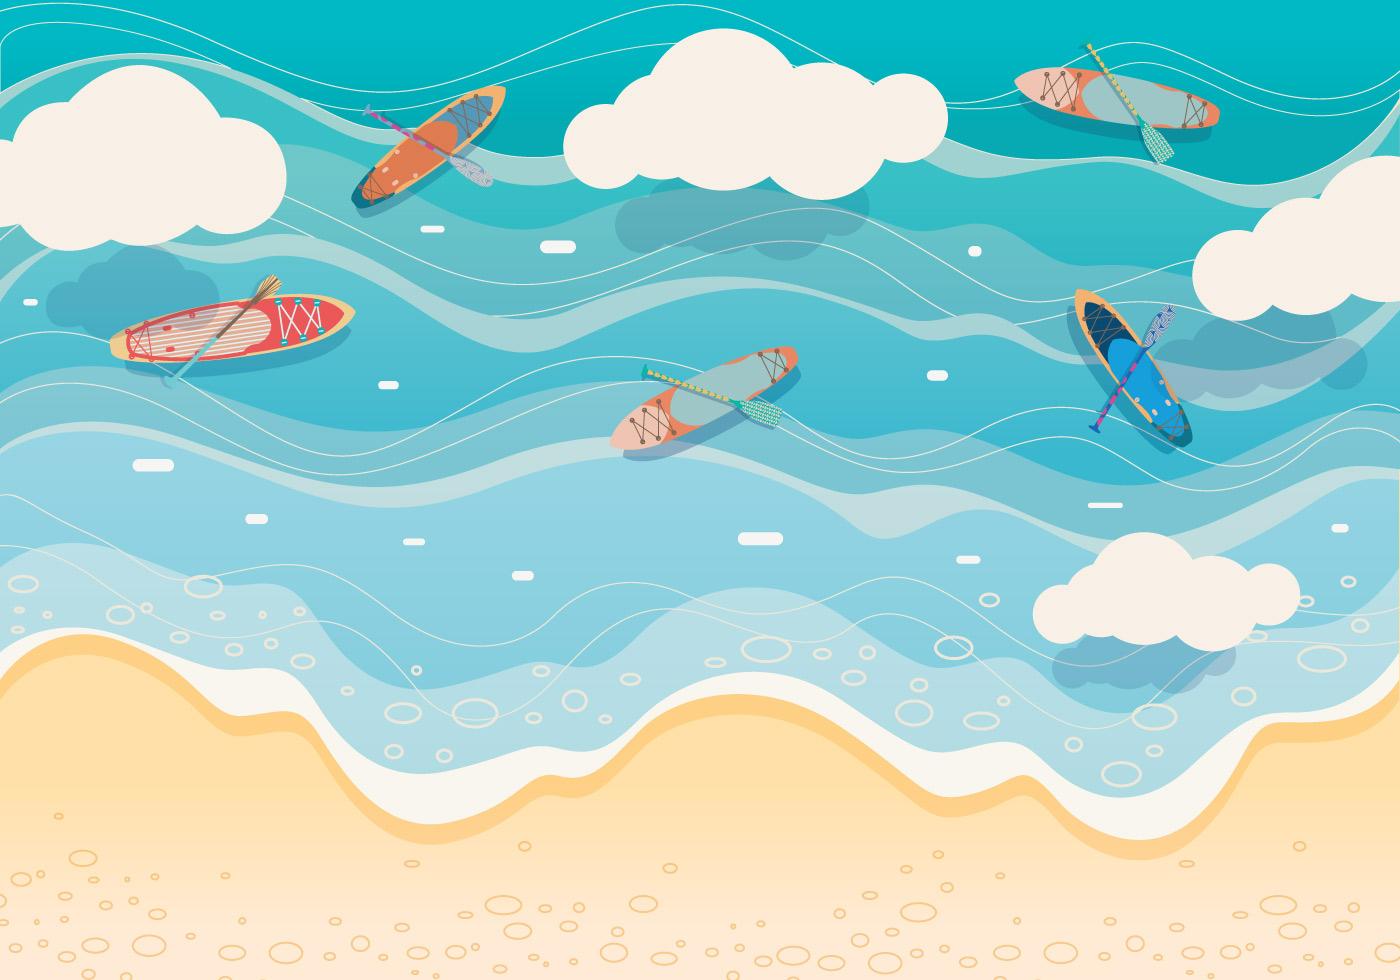 海洋卡通 免費下載 | 天天瘋後製